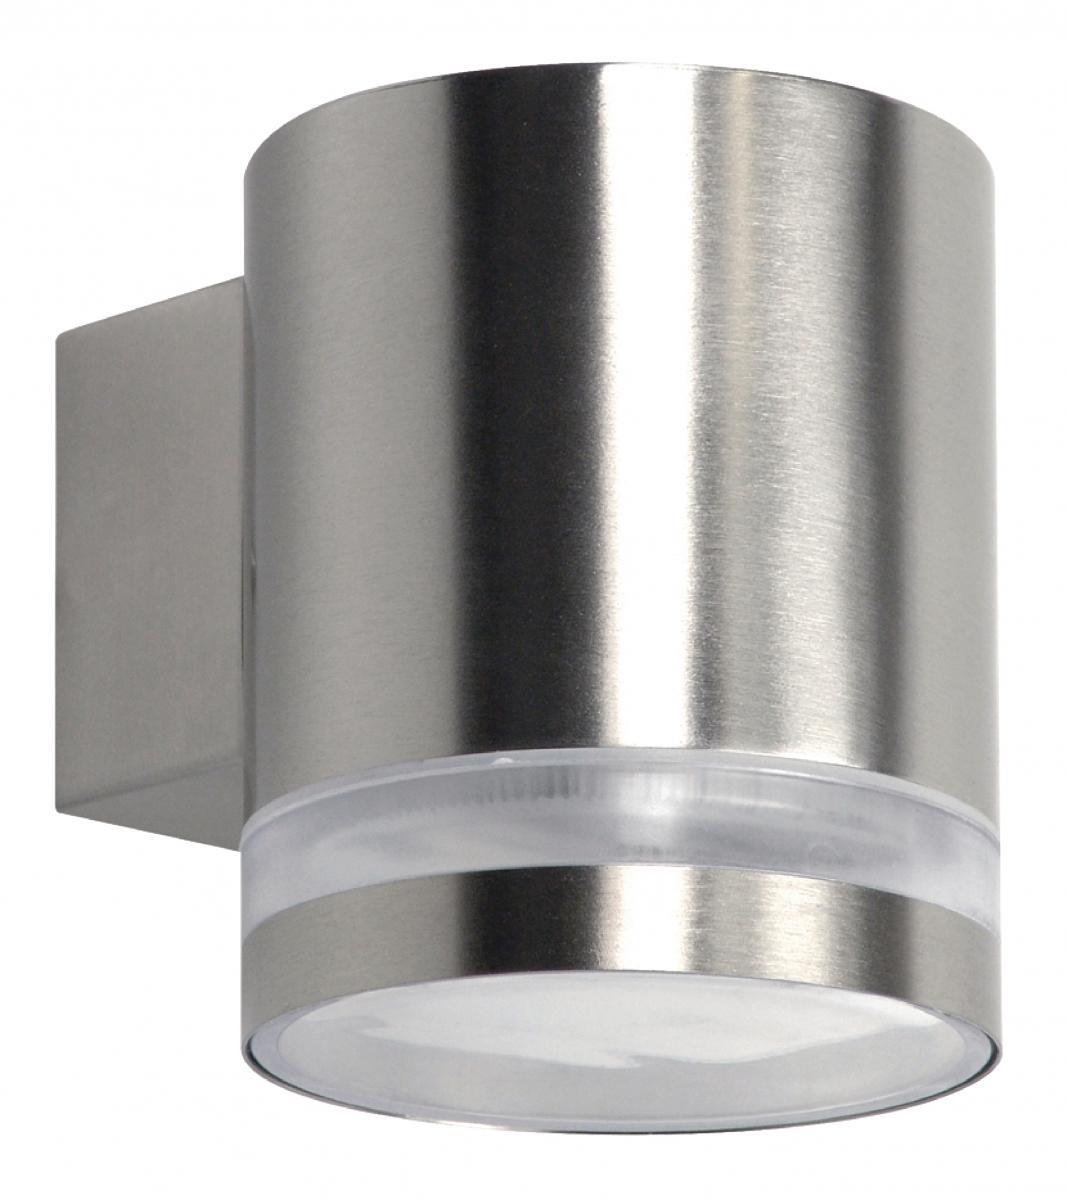 Zářivkové Venkovní Nástěnné Svítidlo 9 W Ocel